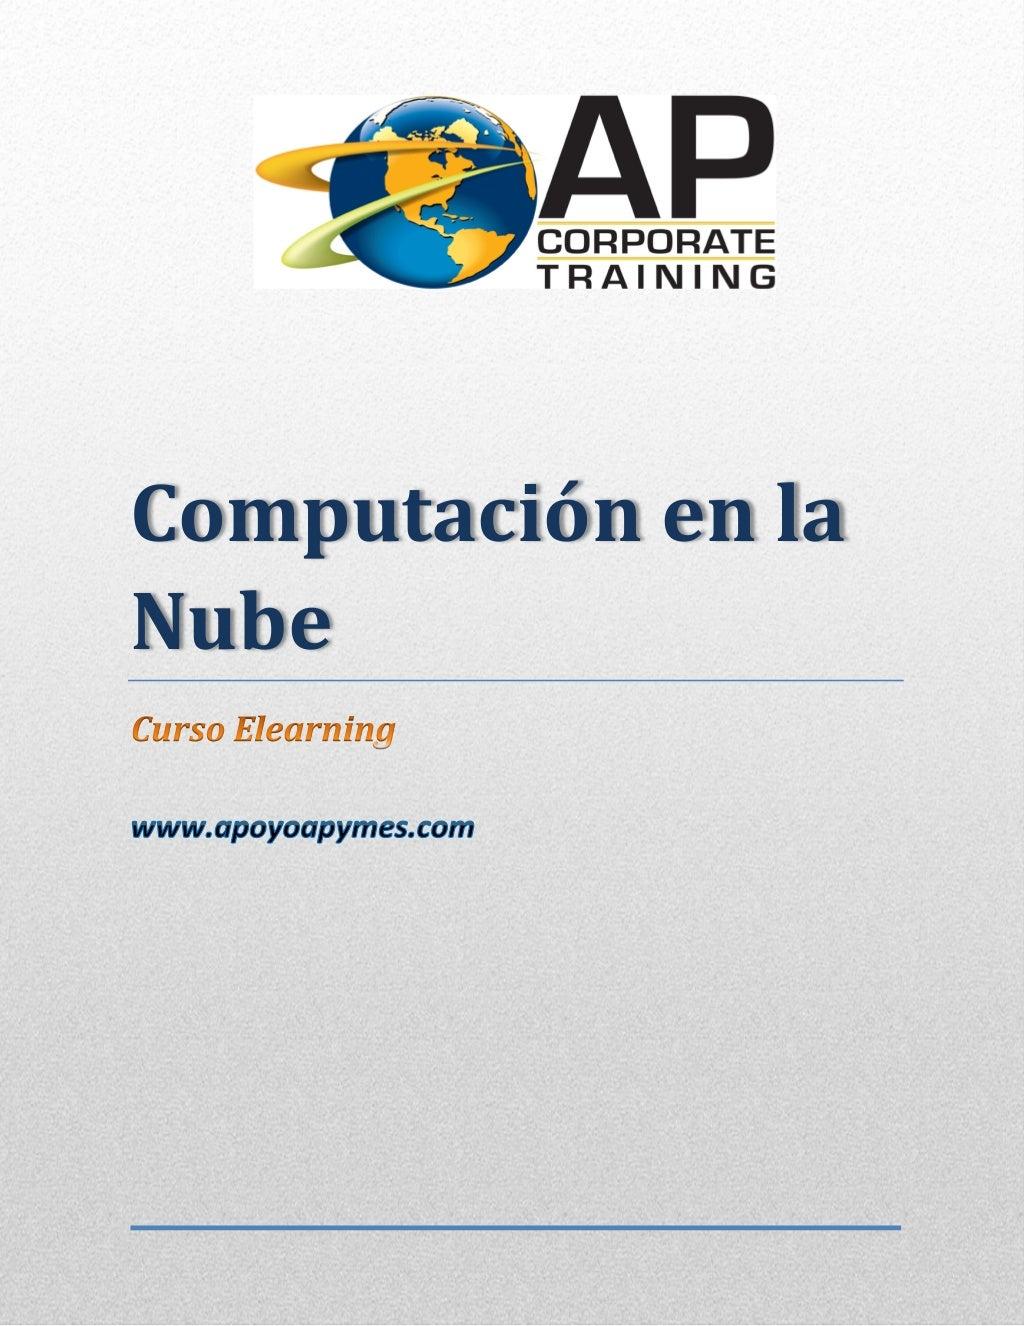 Promocional del curso computación en la nube